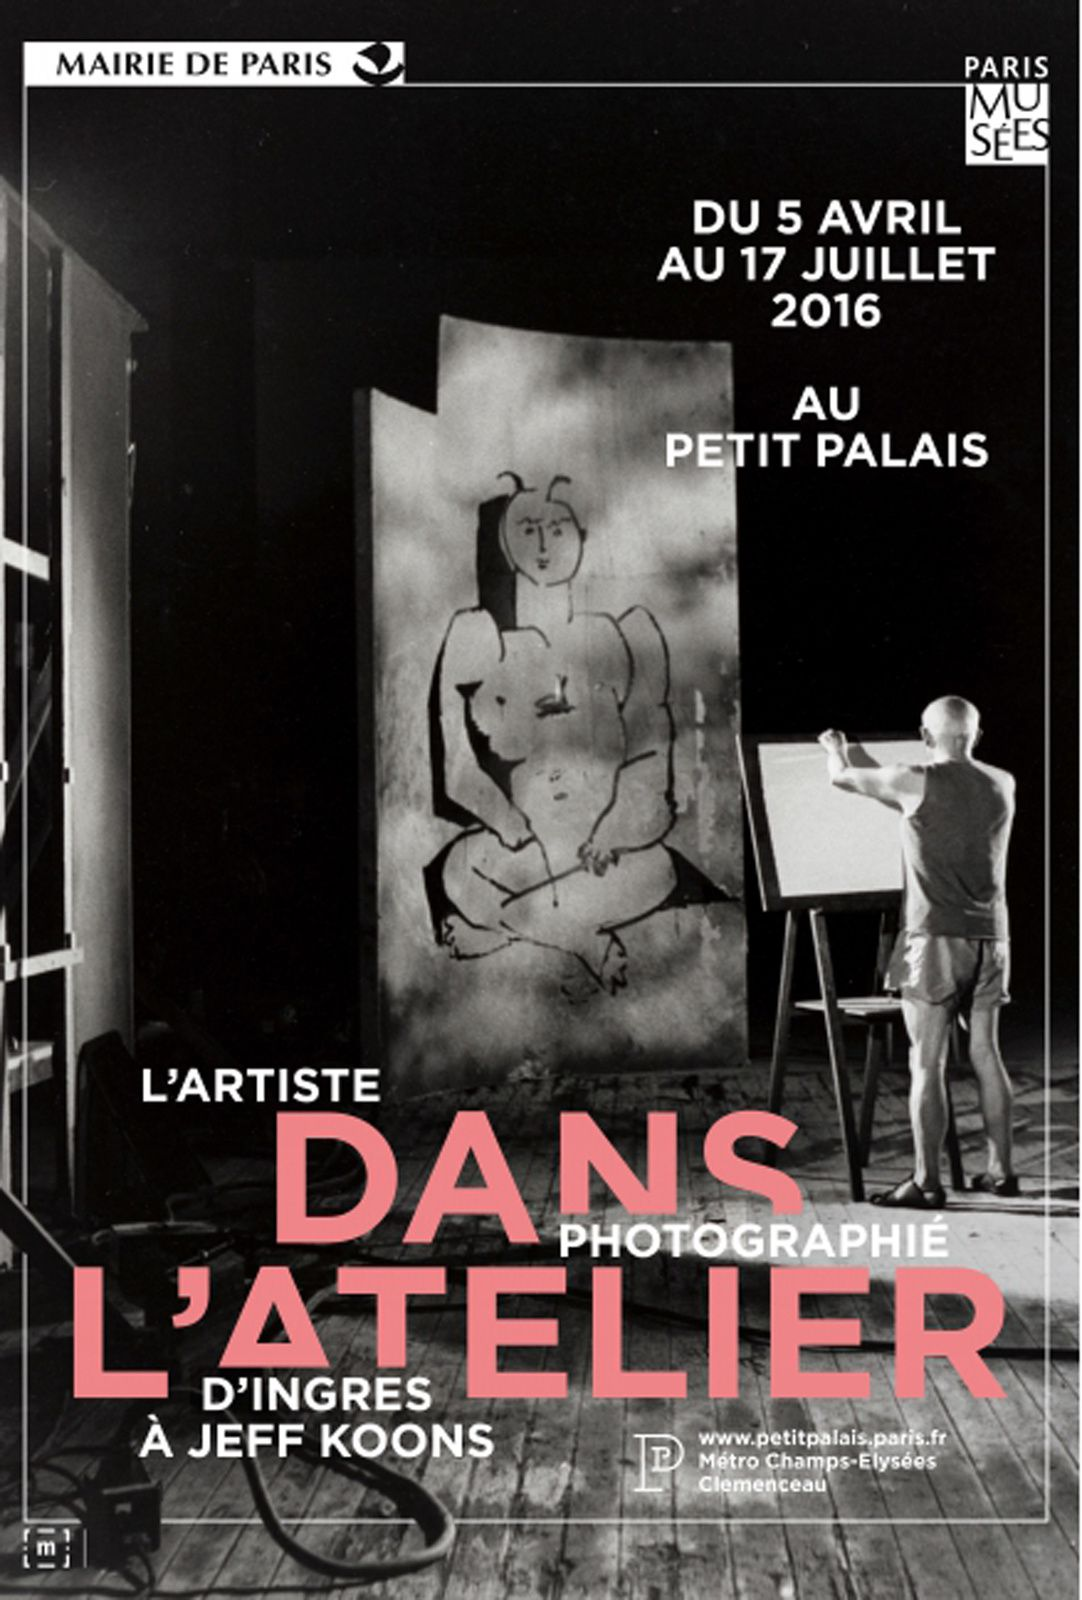 Expo Photographie Contemporaine: Dans l'atelier  l'artiste photographié d'Ingres à Jeff koons